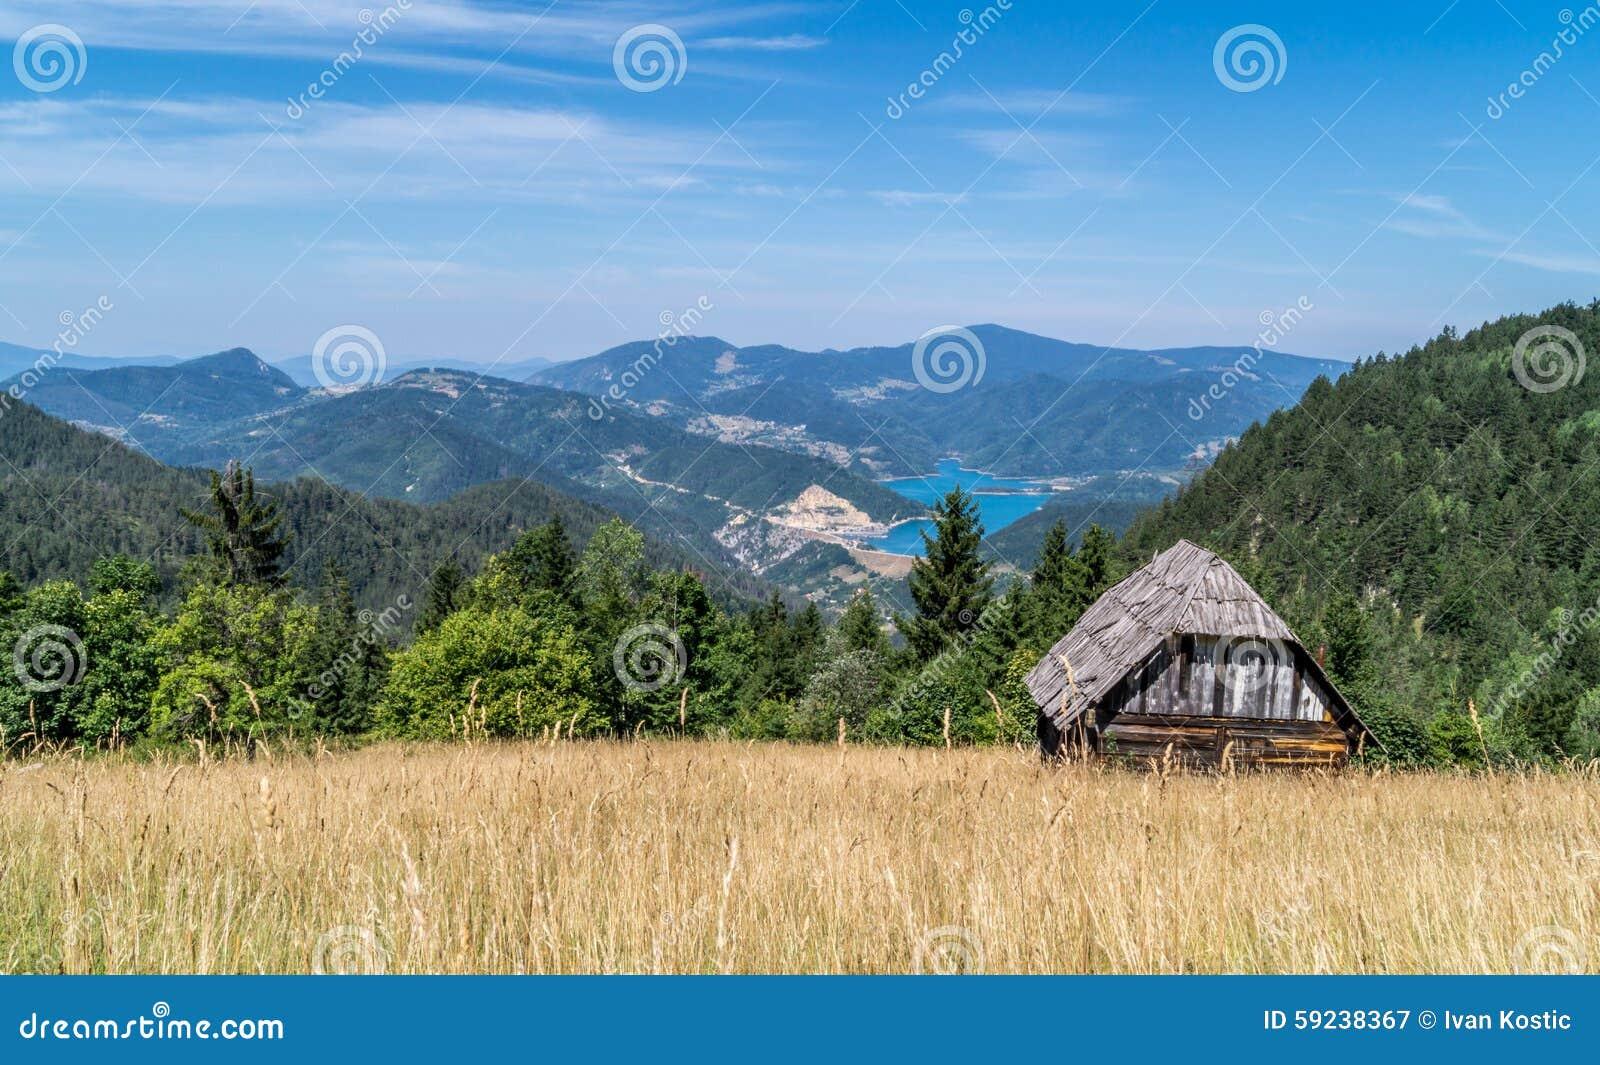 Download Cabaña De Madera En Paisaje Imagen de archivo - Imagen de fondo, lago: 59238367